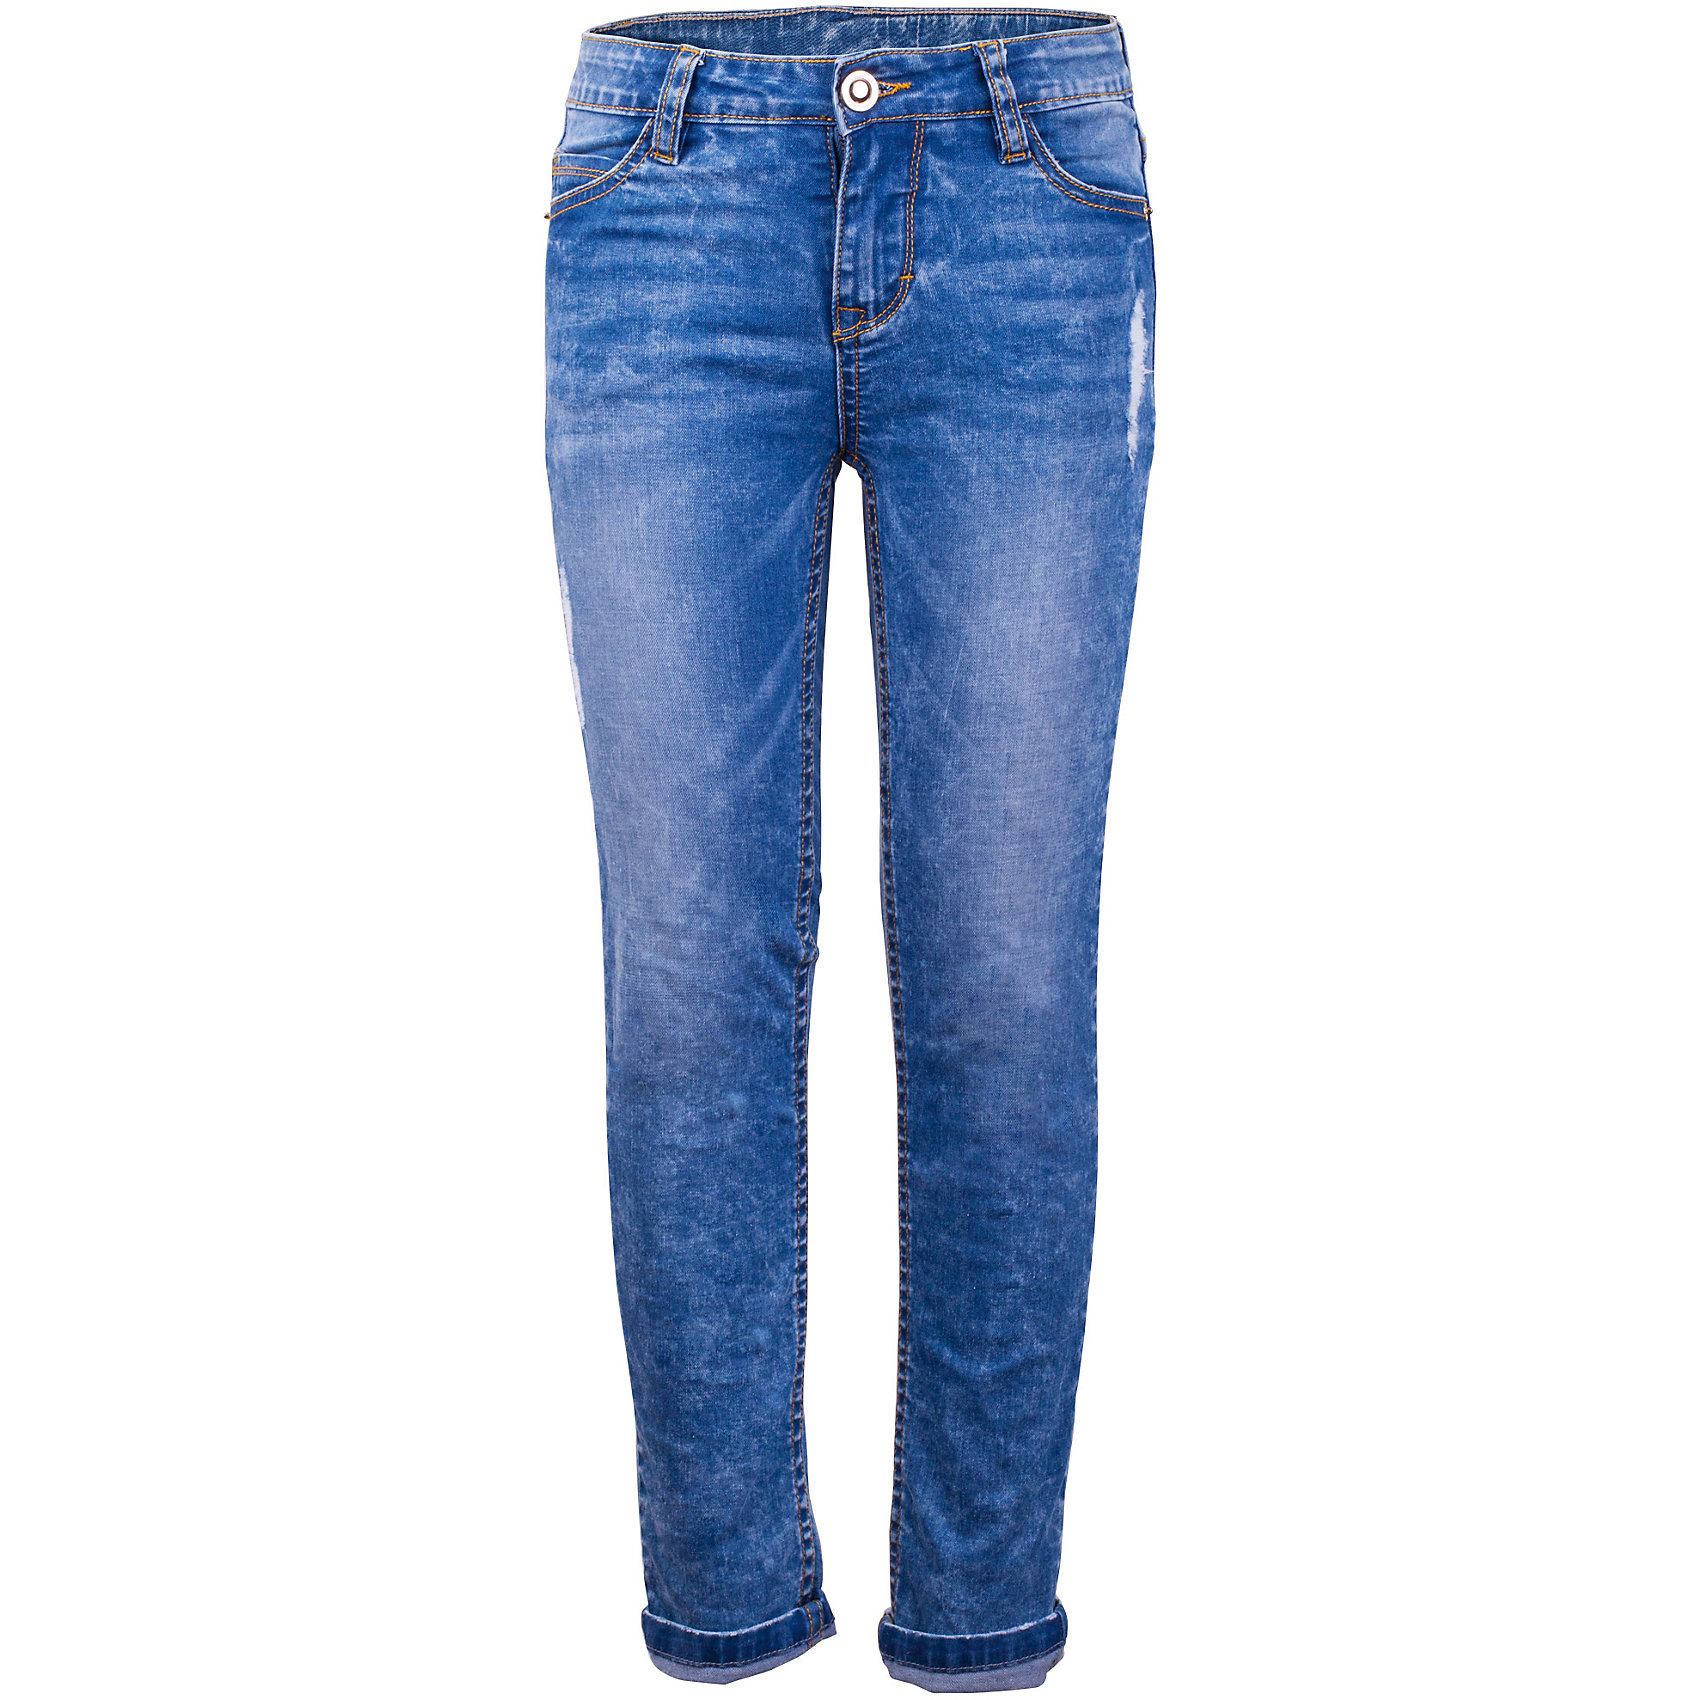 Джинсы для девочки GulliverДжинсы<br>Школьный сезон приближается к концу и пора составлять весенне-летний гардероб ребенка... Облегающие джинсы с варкой, потертостями и мелкими повреждениями будут лучшим подарком для юной модницы, став основой ее повседневного образа. Если вы решили купить хорошие детские джинсы, эта модель, обеспечивающая красивую посадку изделия на фигуре, удобство и функциональность - беспроигрышный вариант.<br>Состав:<br>98% хлопок      2% эластан<br><br>Ширина мм: 215<br>Глубина мм: 88<br>Высота мм: 191<br>Вес г: 336<br>Цвет: синий<br>Возраст от месяцев: 108<br>Возраст до месяцев: 120<br>Пол: Женский<br>Возраст: Детский<br>Размер: 134,122,128,140<br>SKU: 5484046